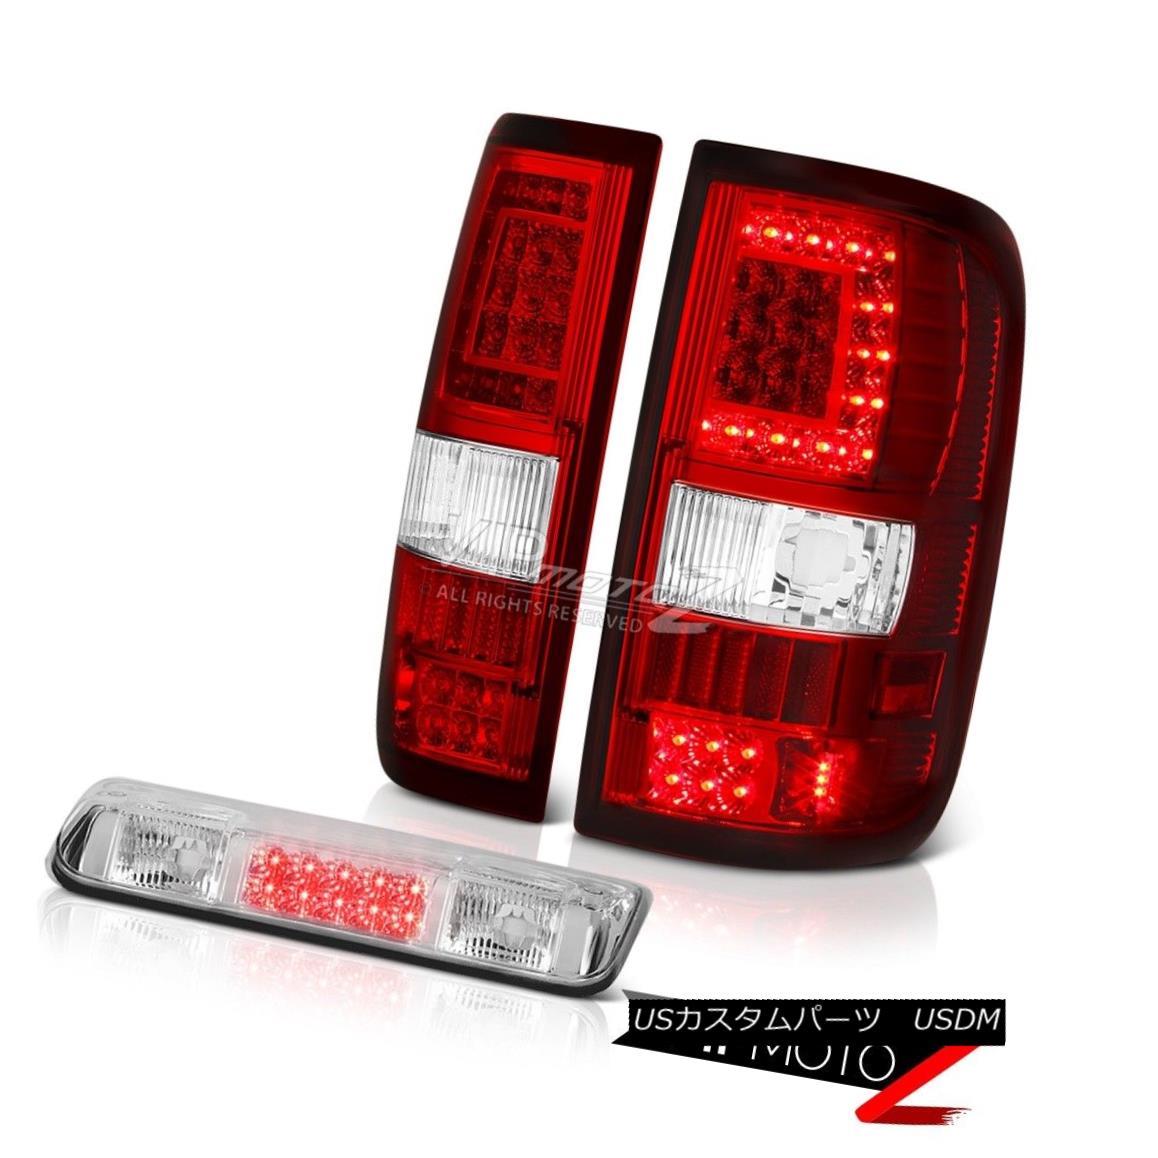 テールライト 04-08 Ford F150 Wine Red Neon Tube Tail Lamps Clear Chrome 3Rd Brake Pair LH+RH 04-08 Ford F150ワインレッドネオンチューブテールランプクリアクローム3RdブレーキペアLH + RH